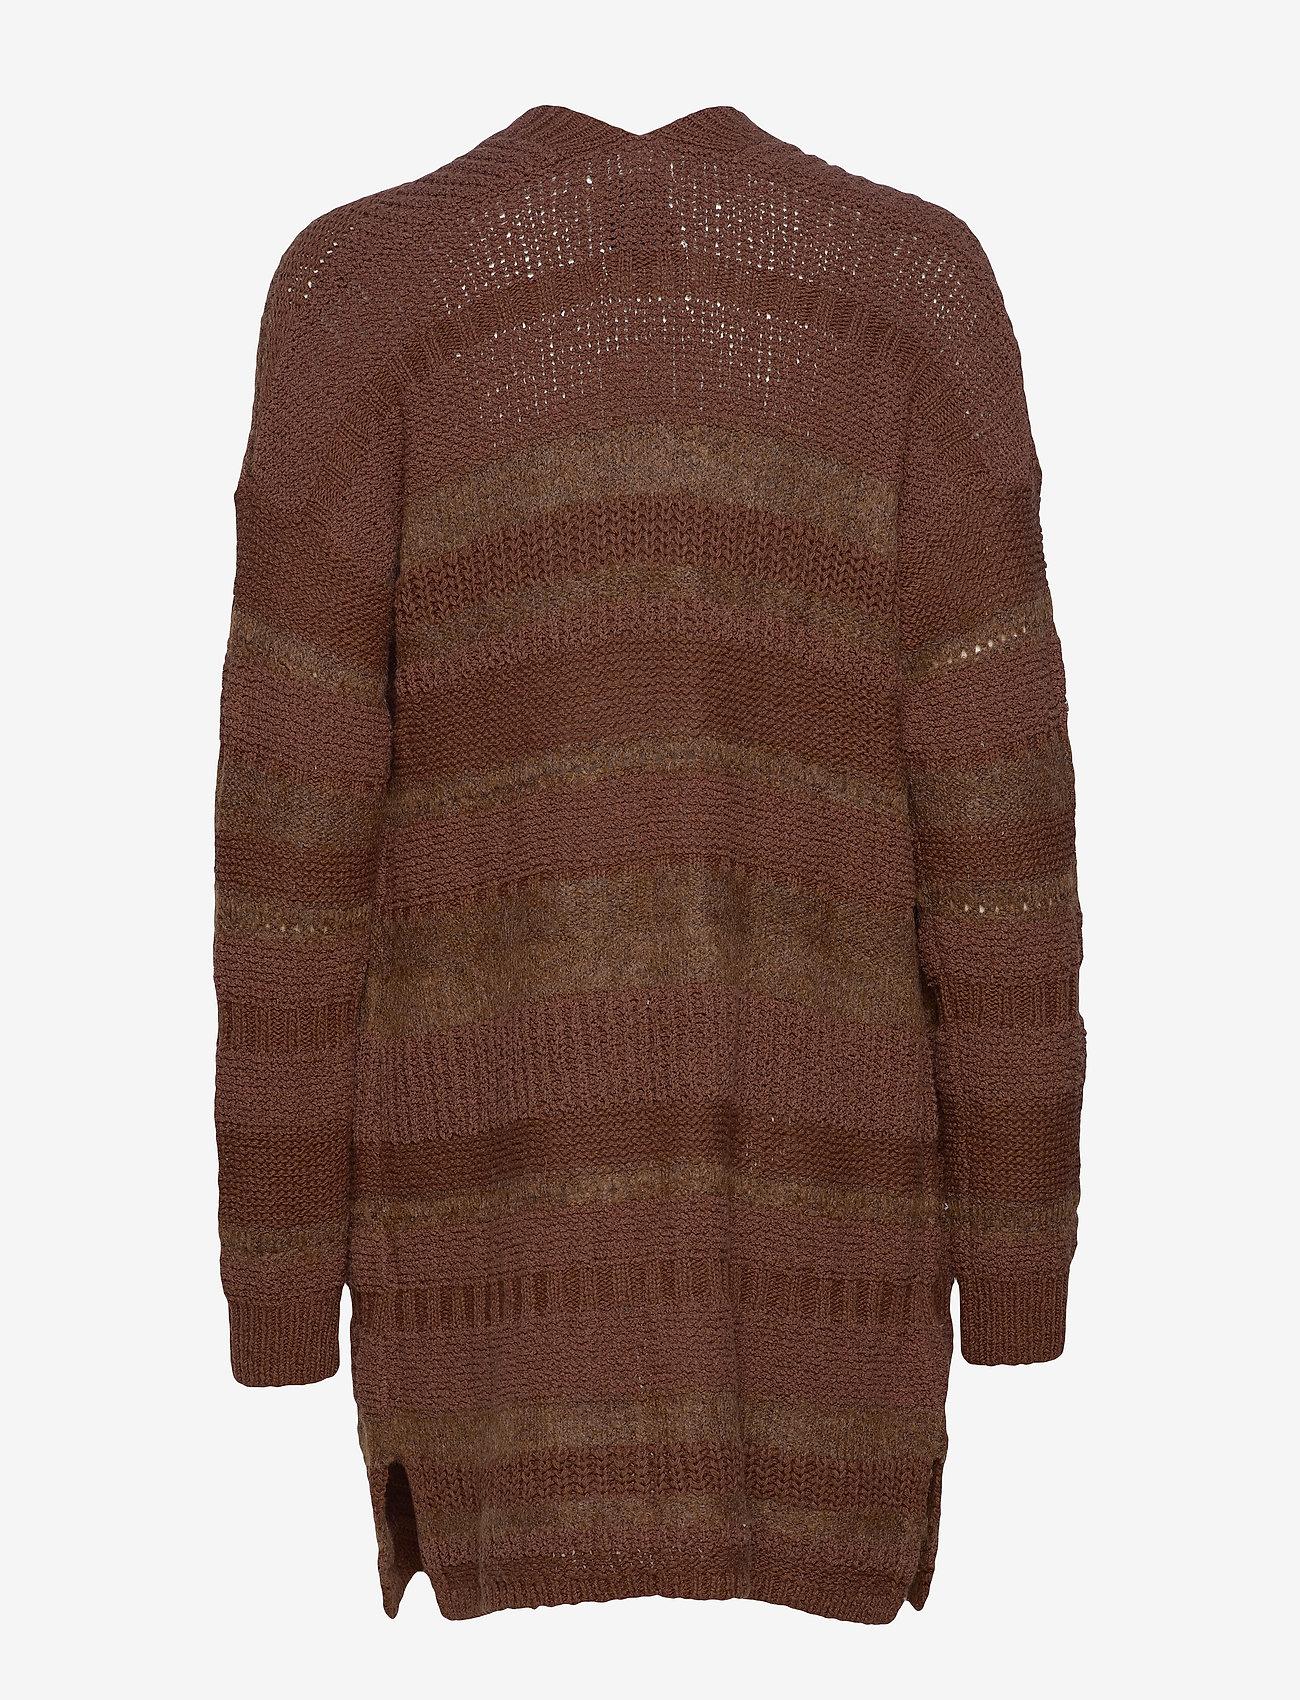 Abercrombie & Fitch Yarn Mix Cardi - Dzianina DARK BROWN SD/TEXTURE - Kobiety Odzież.